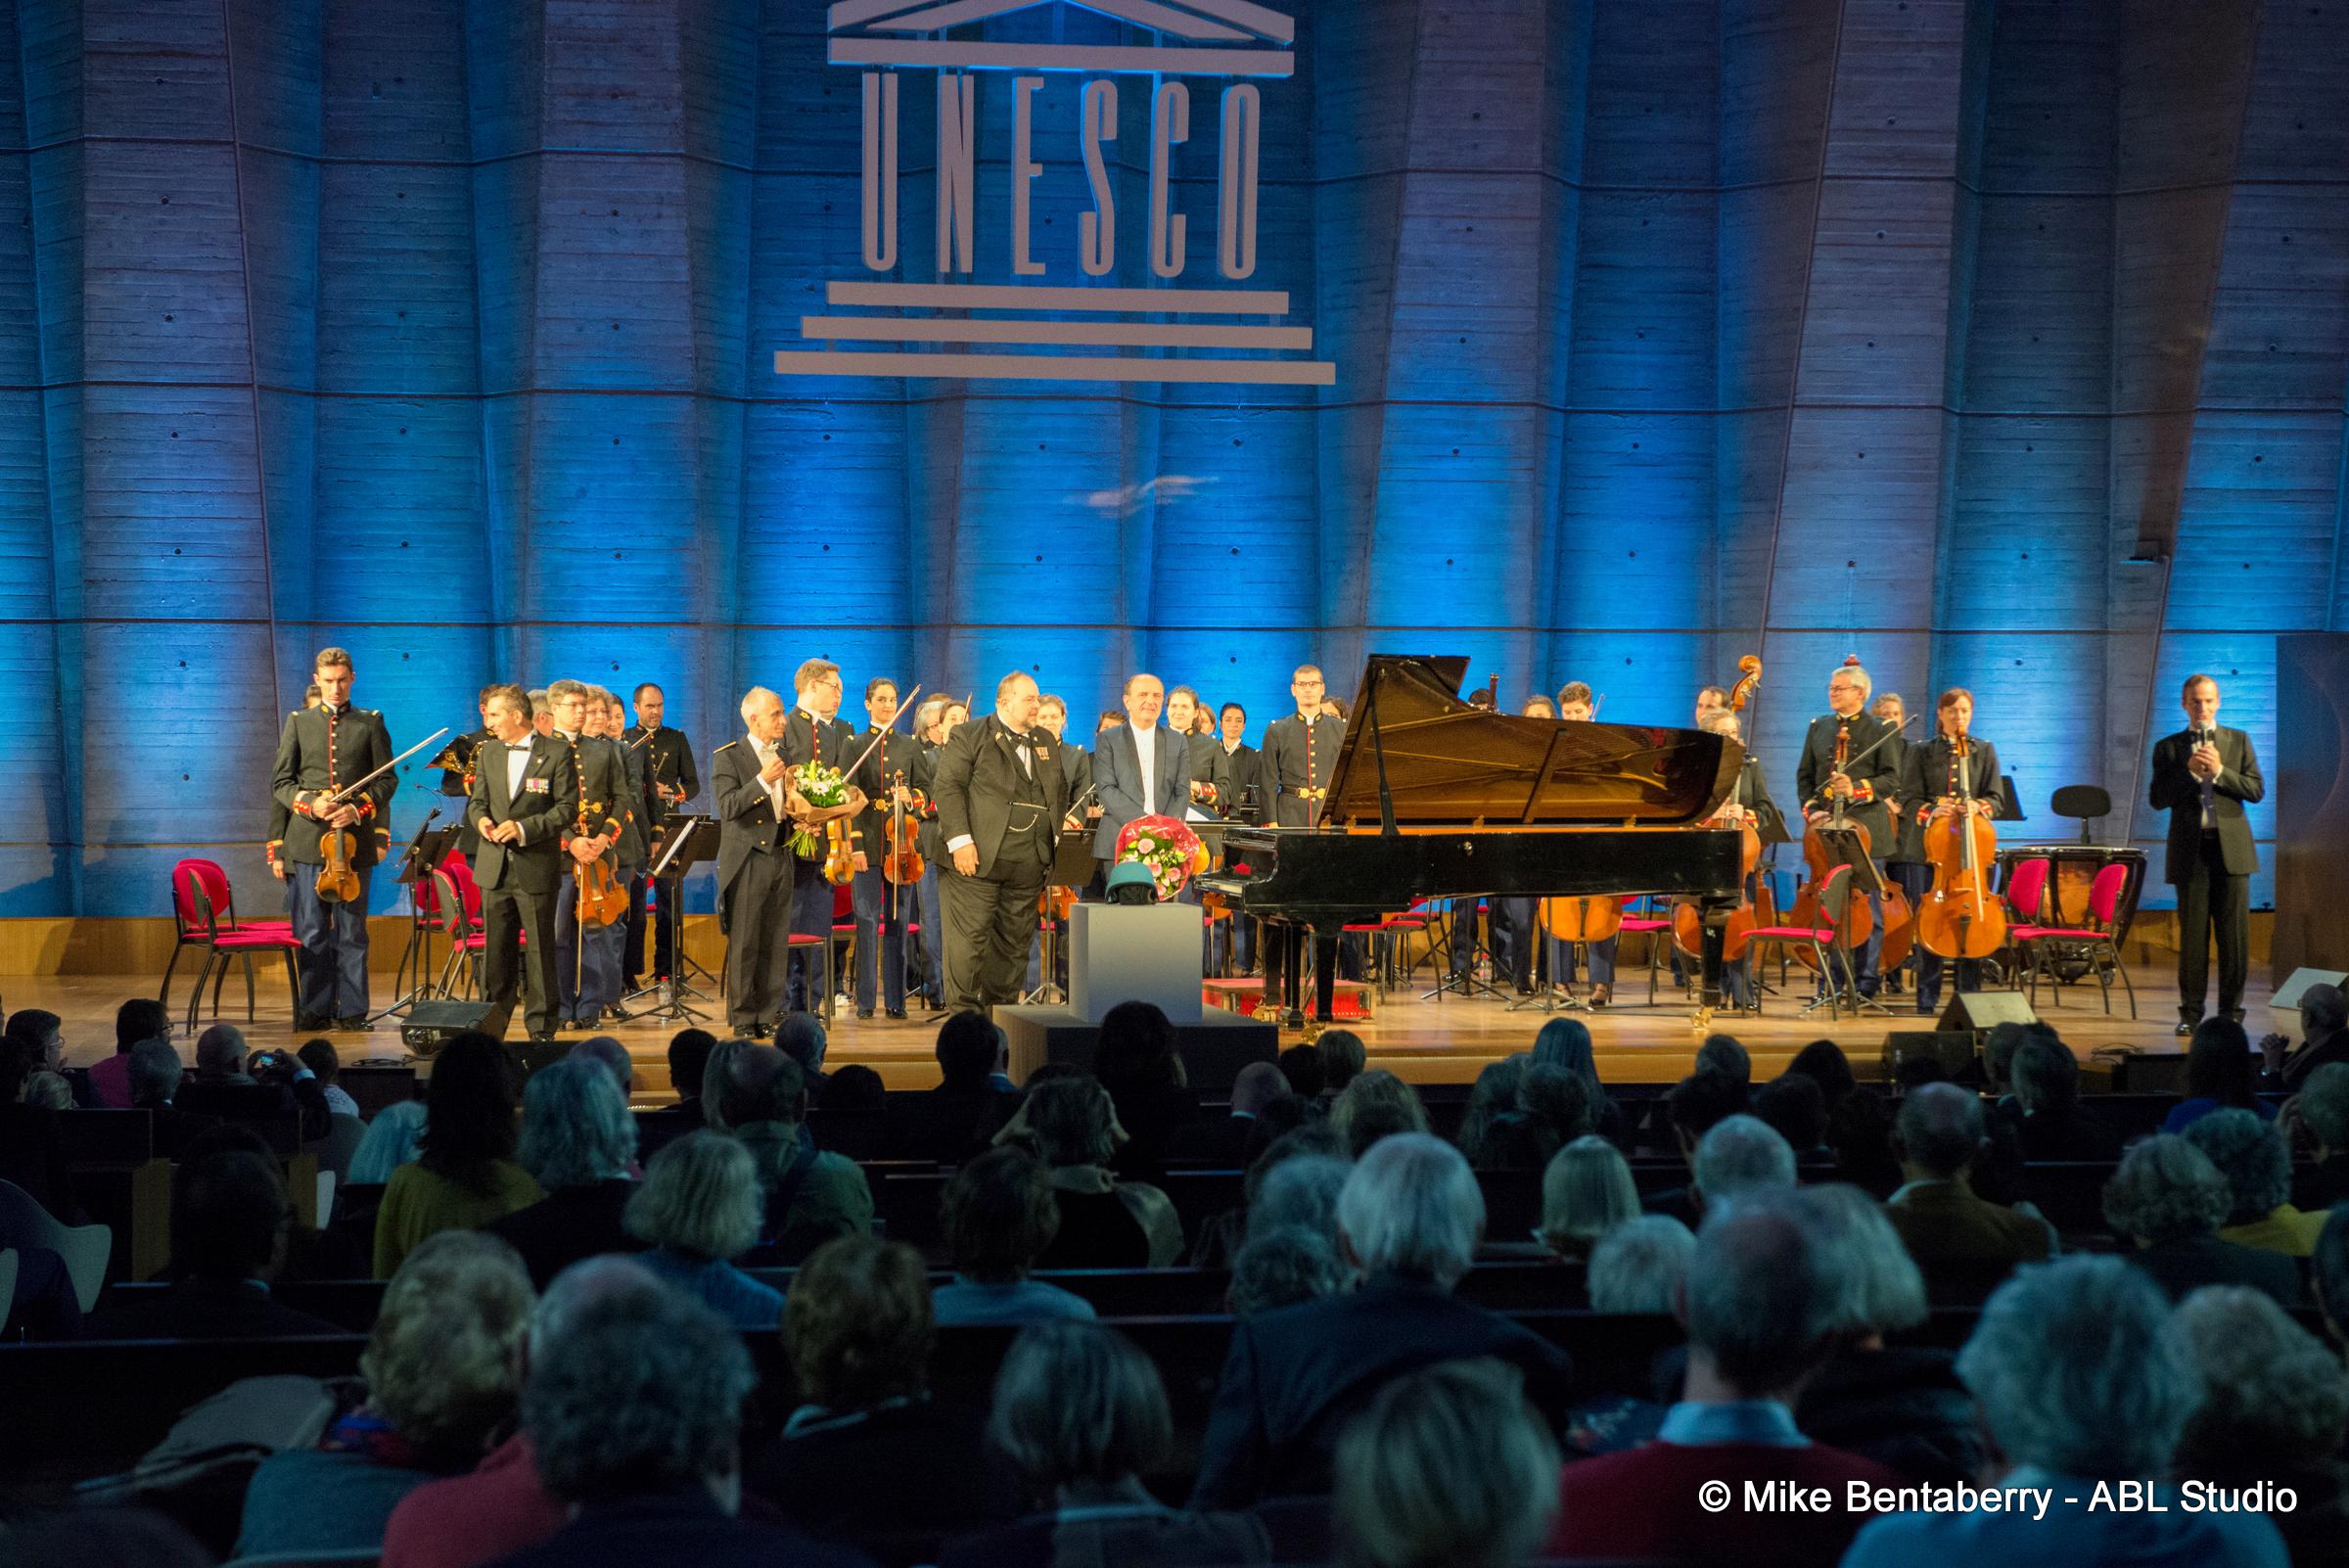 La Paix célébrée à l'UNESCO le 8 octobre 2019